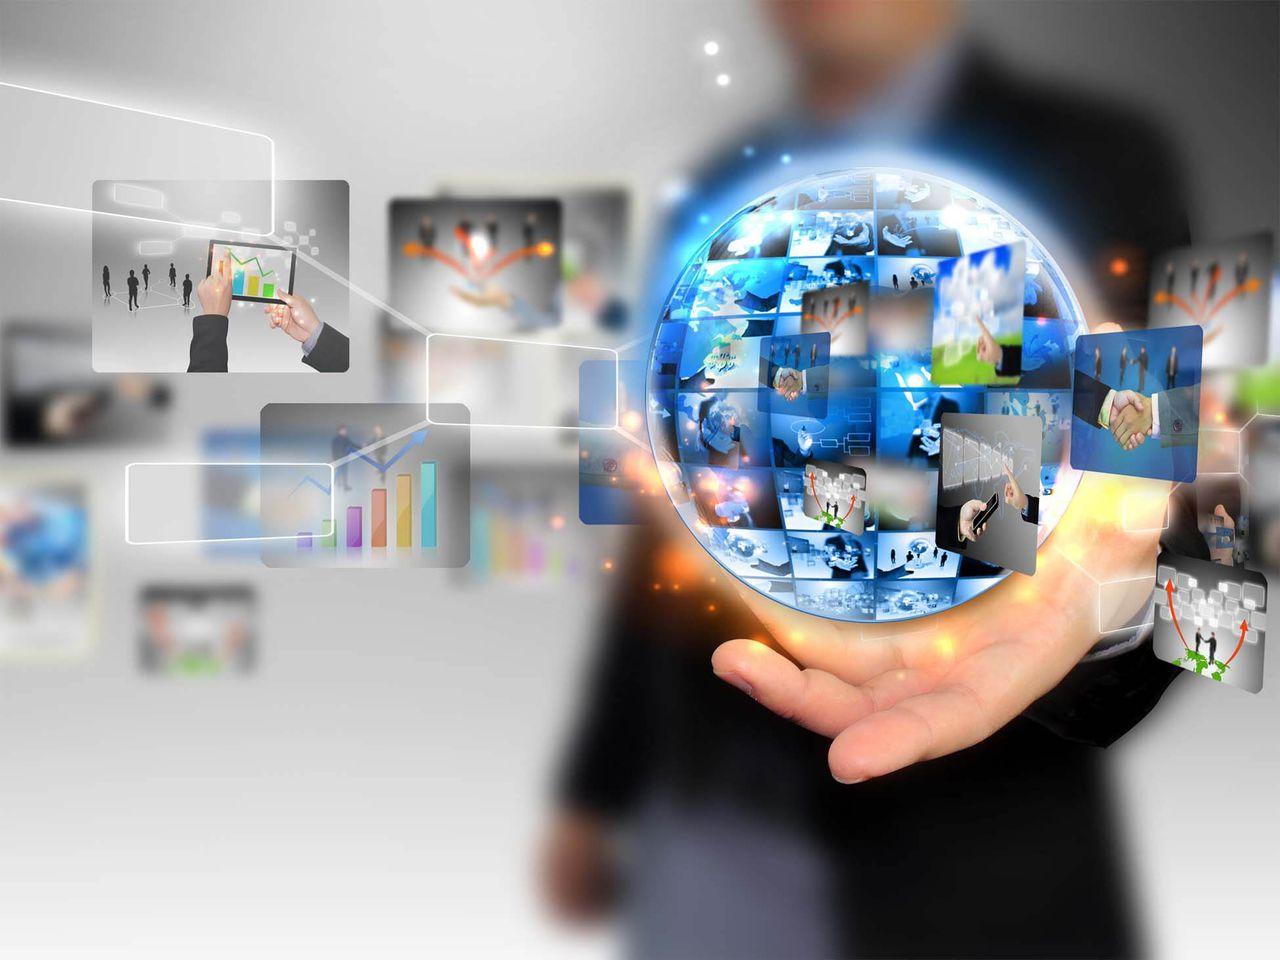 Dreptul la activitatea antreprenorială pe bază de patentă a fost prelungit  - Работа в Молдове joblist.md